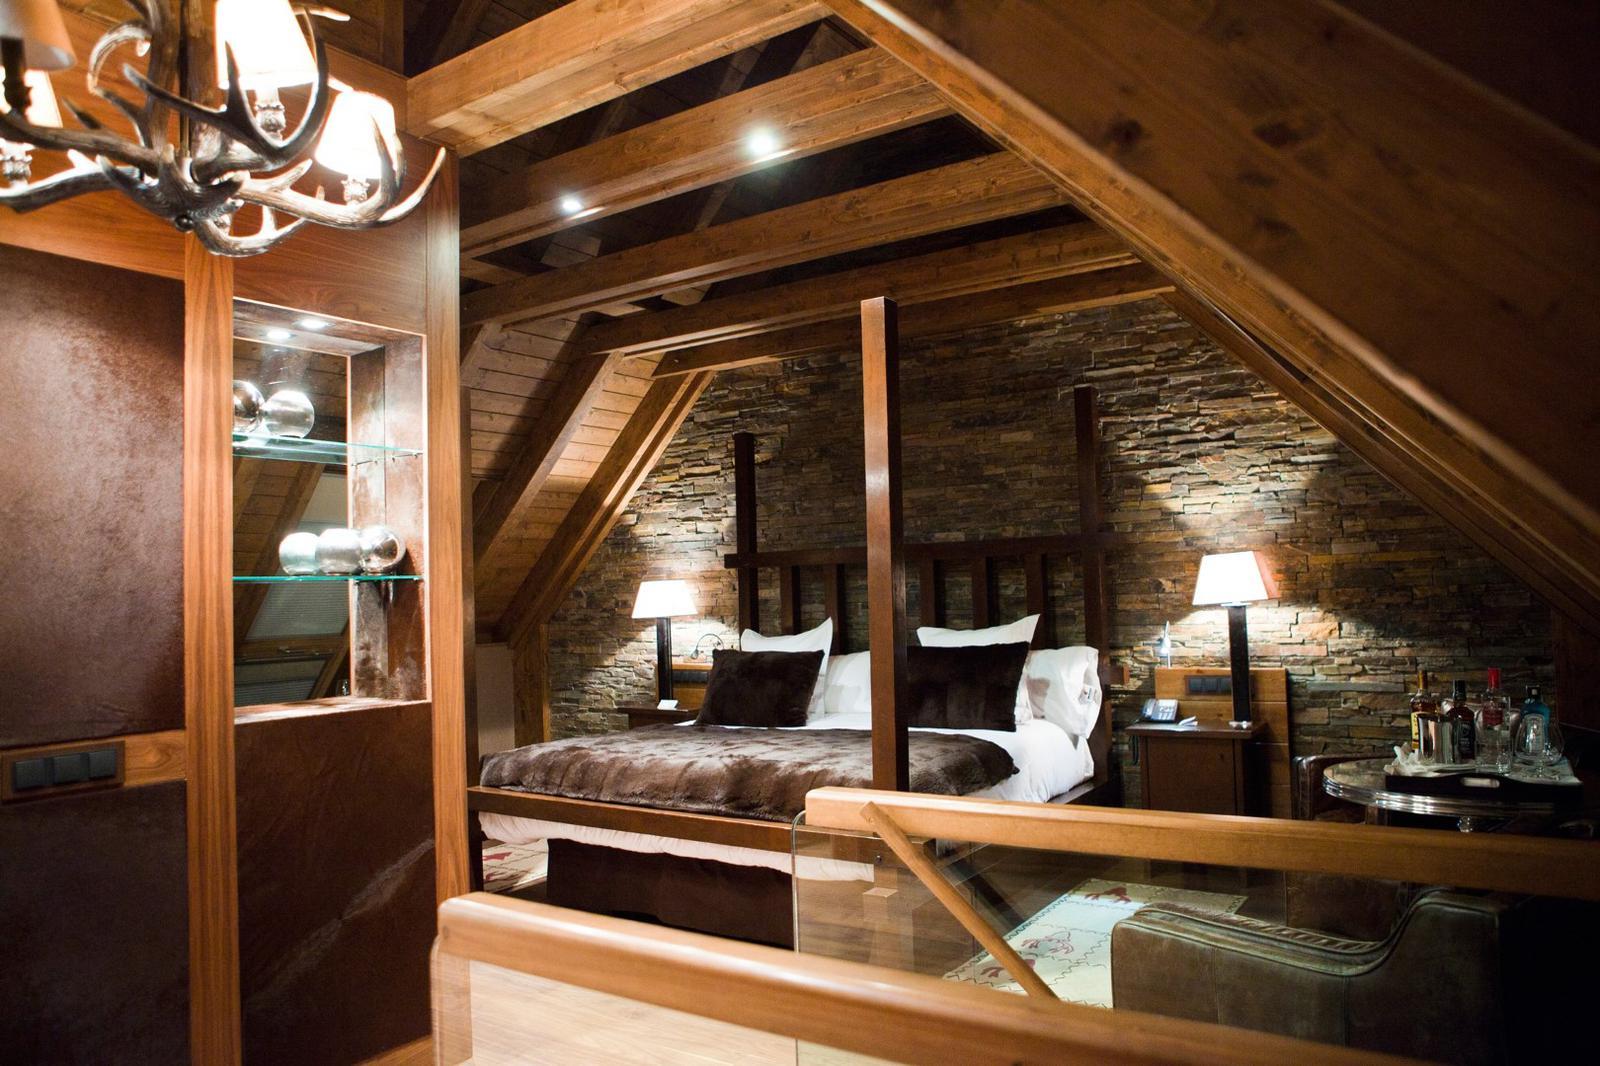 Los mejores hoteles para esquiar en espa a trivago for Listado hoteles 5 estrellas madrid